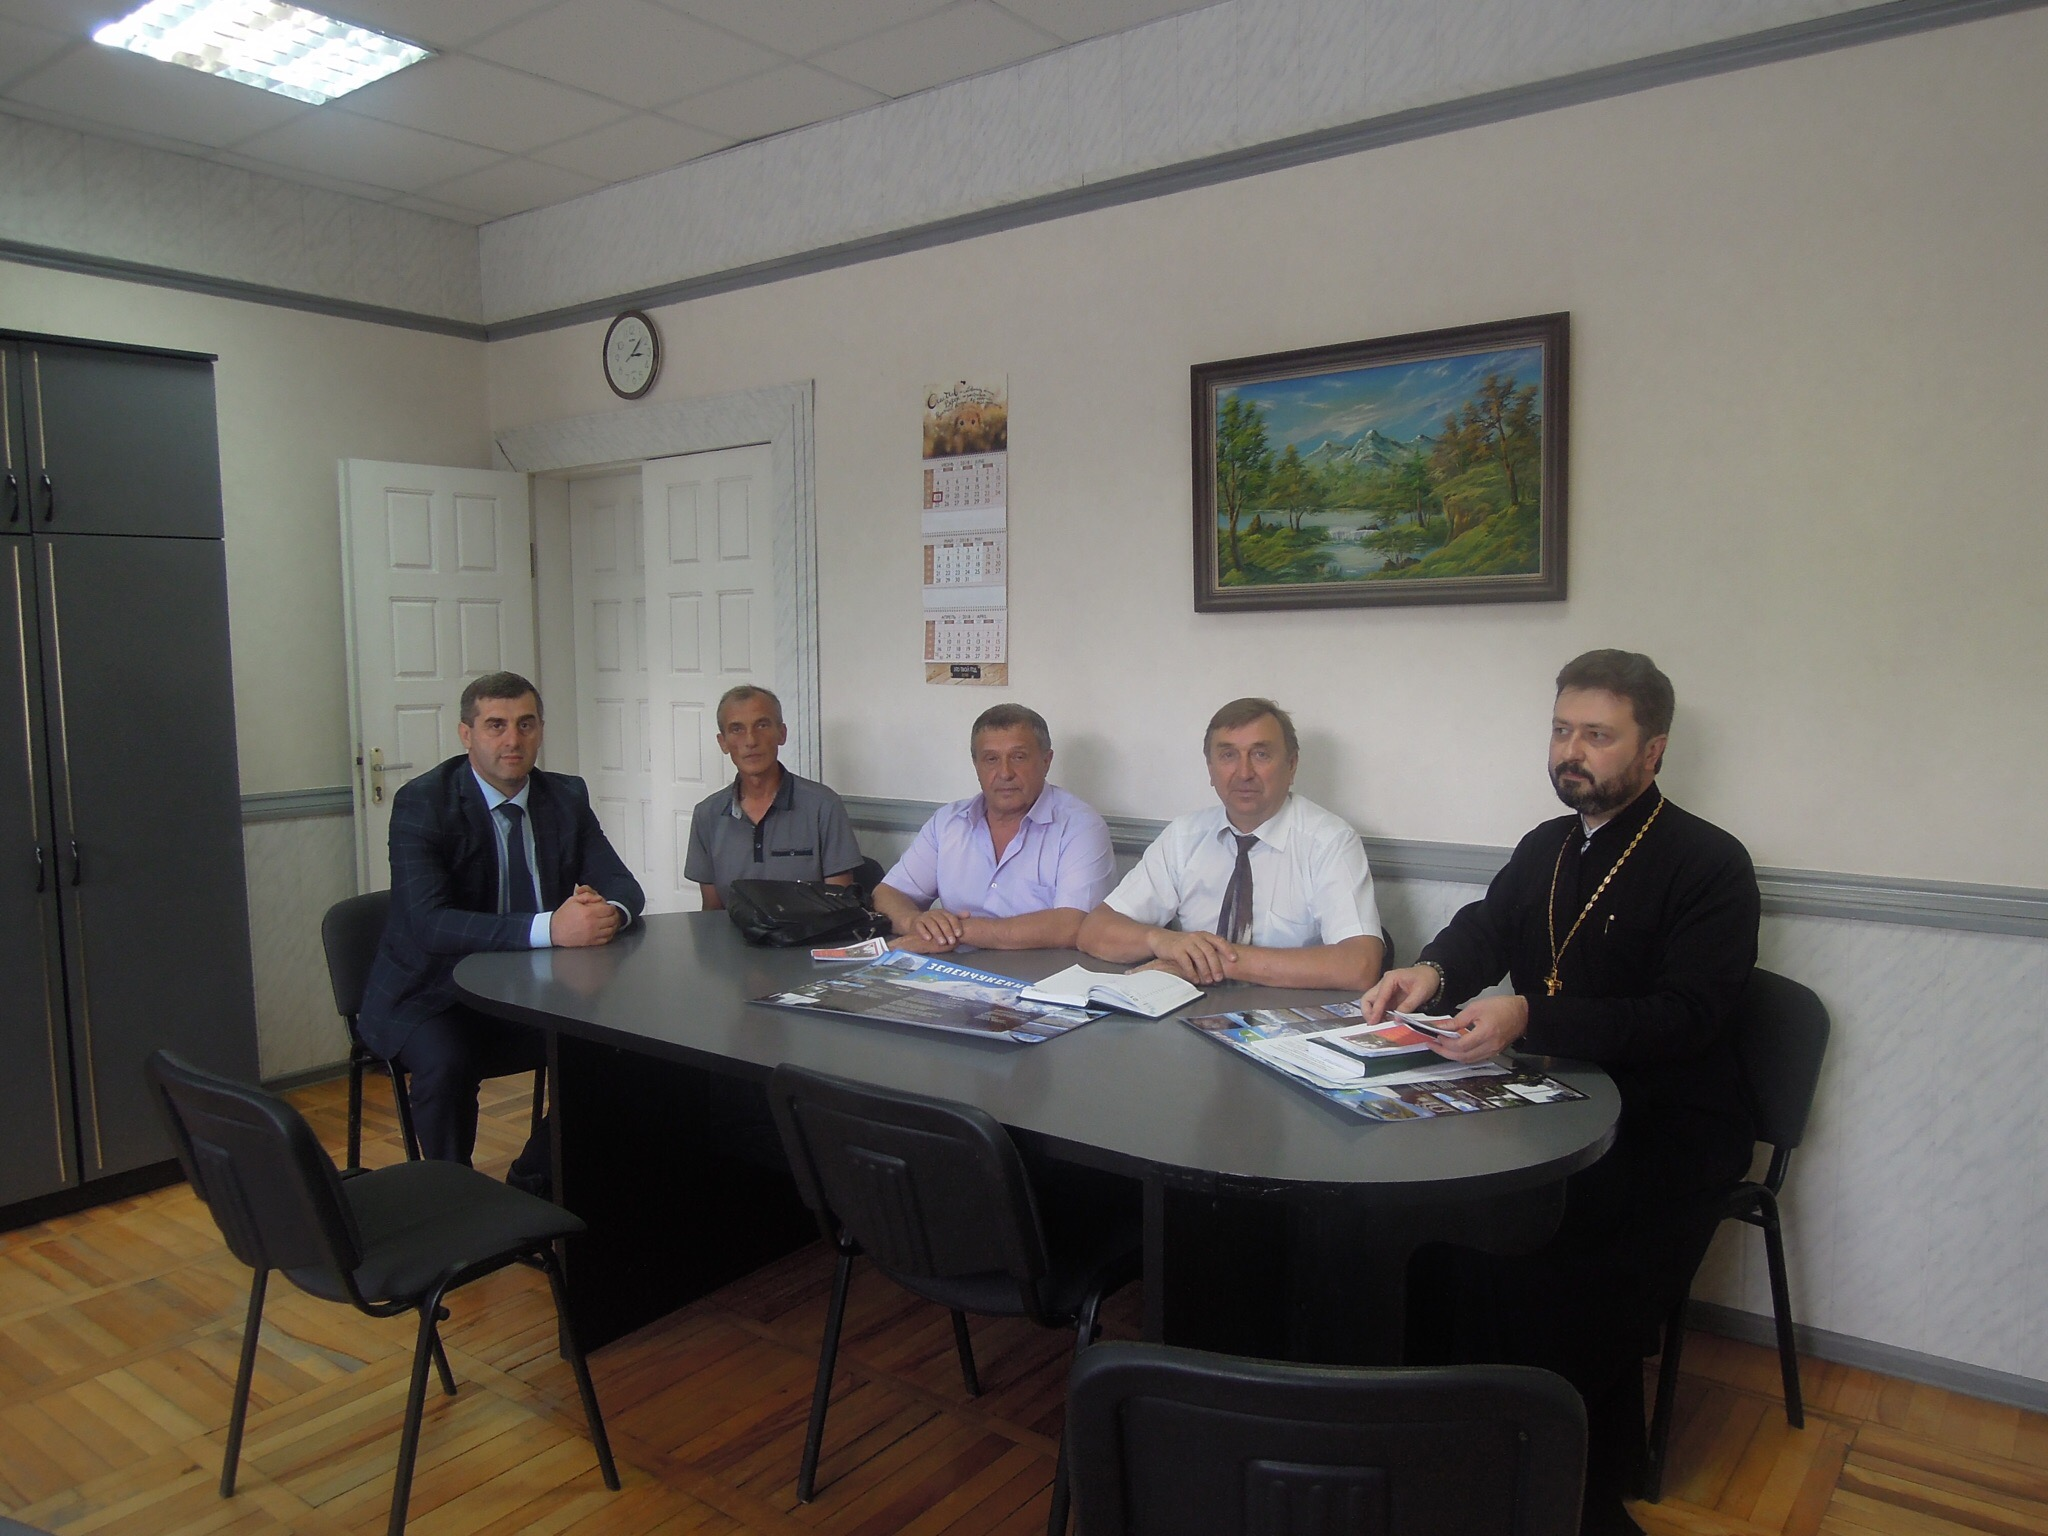 В Зеленчукской обсудили подготовку к проведению ежегодной акции «Зажги свечу в память освободителей Кавказа»